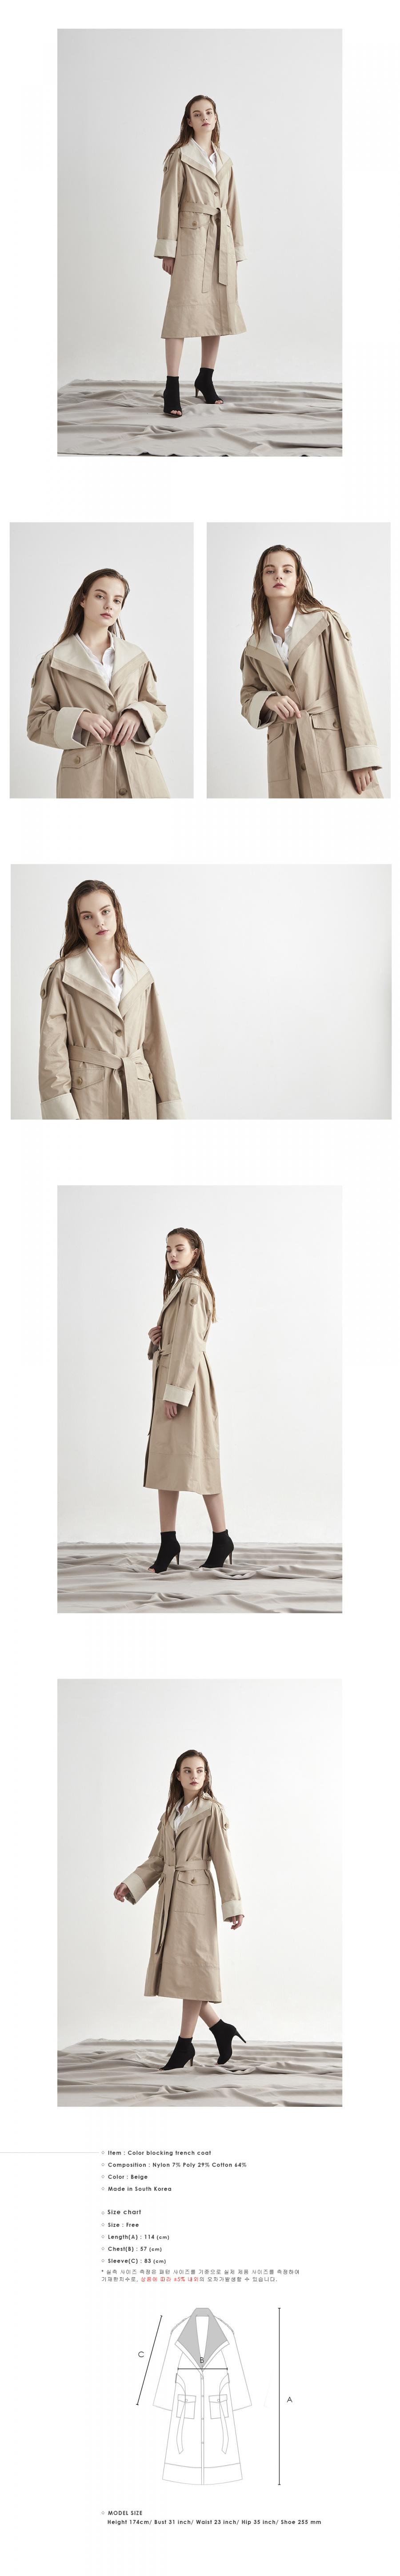 클로제스트.(CLOTHEST.) [2019 S/S Collection]Color blocking trench coat